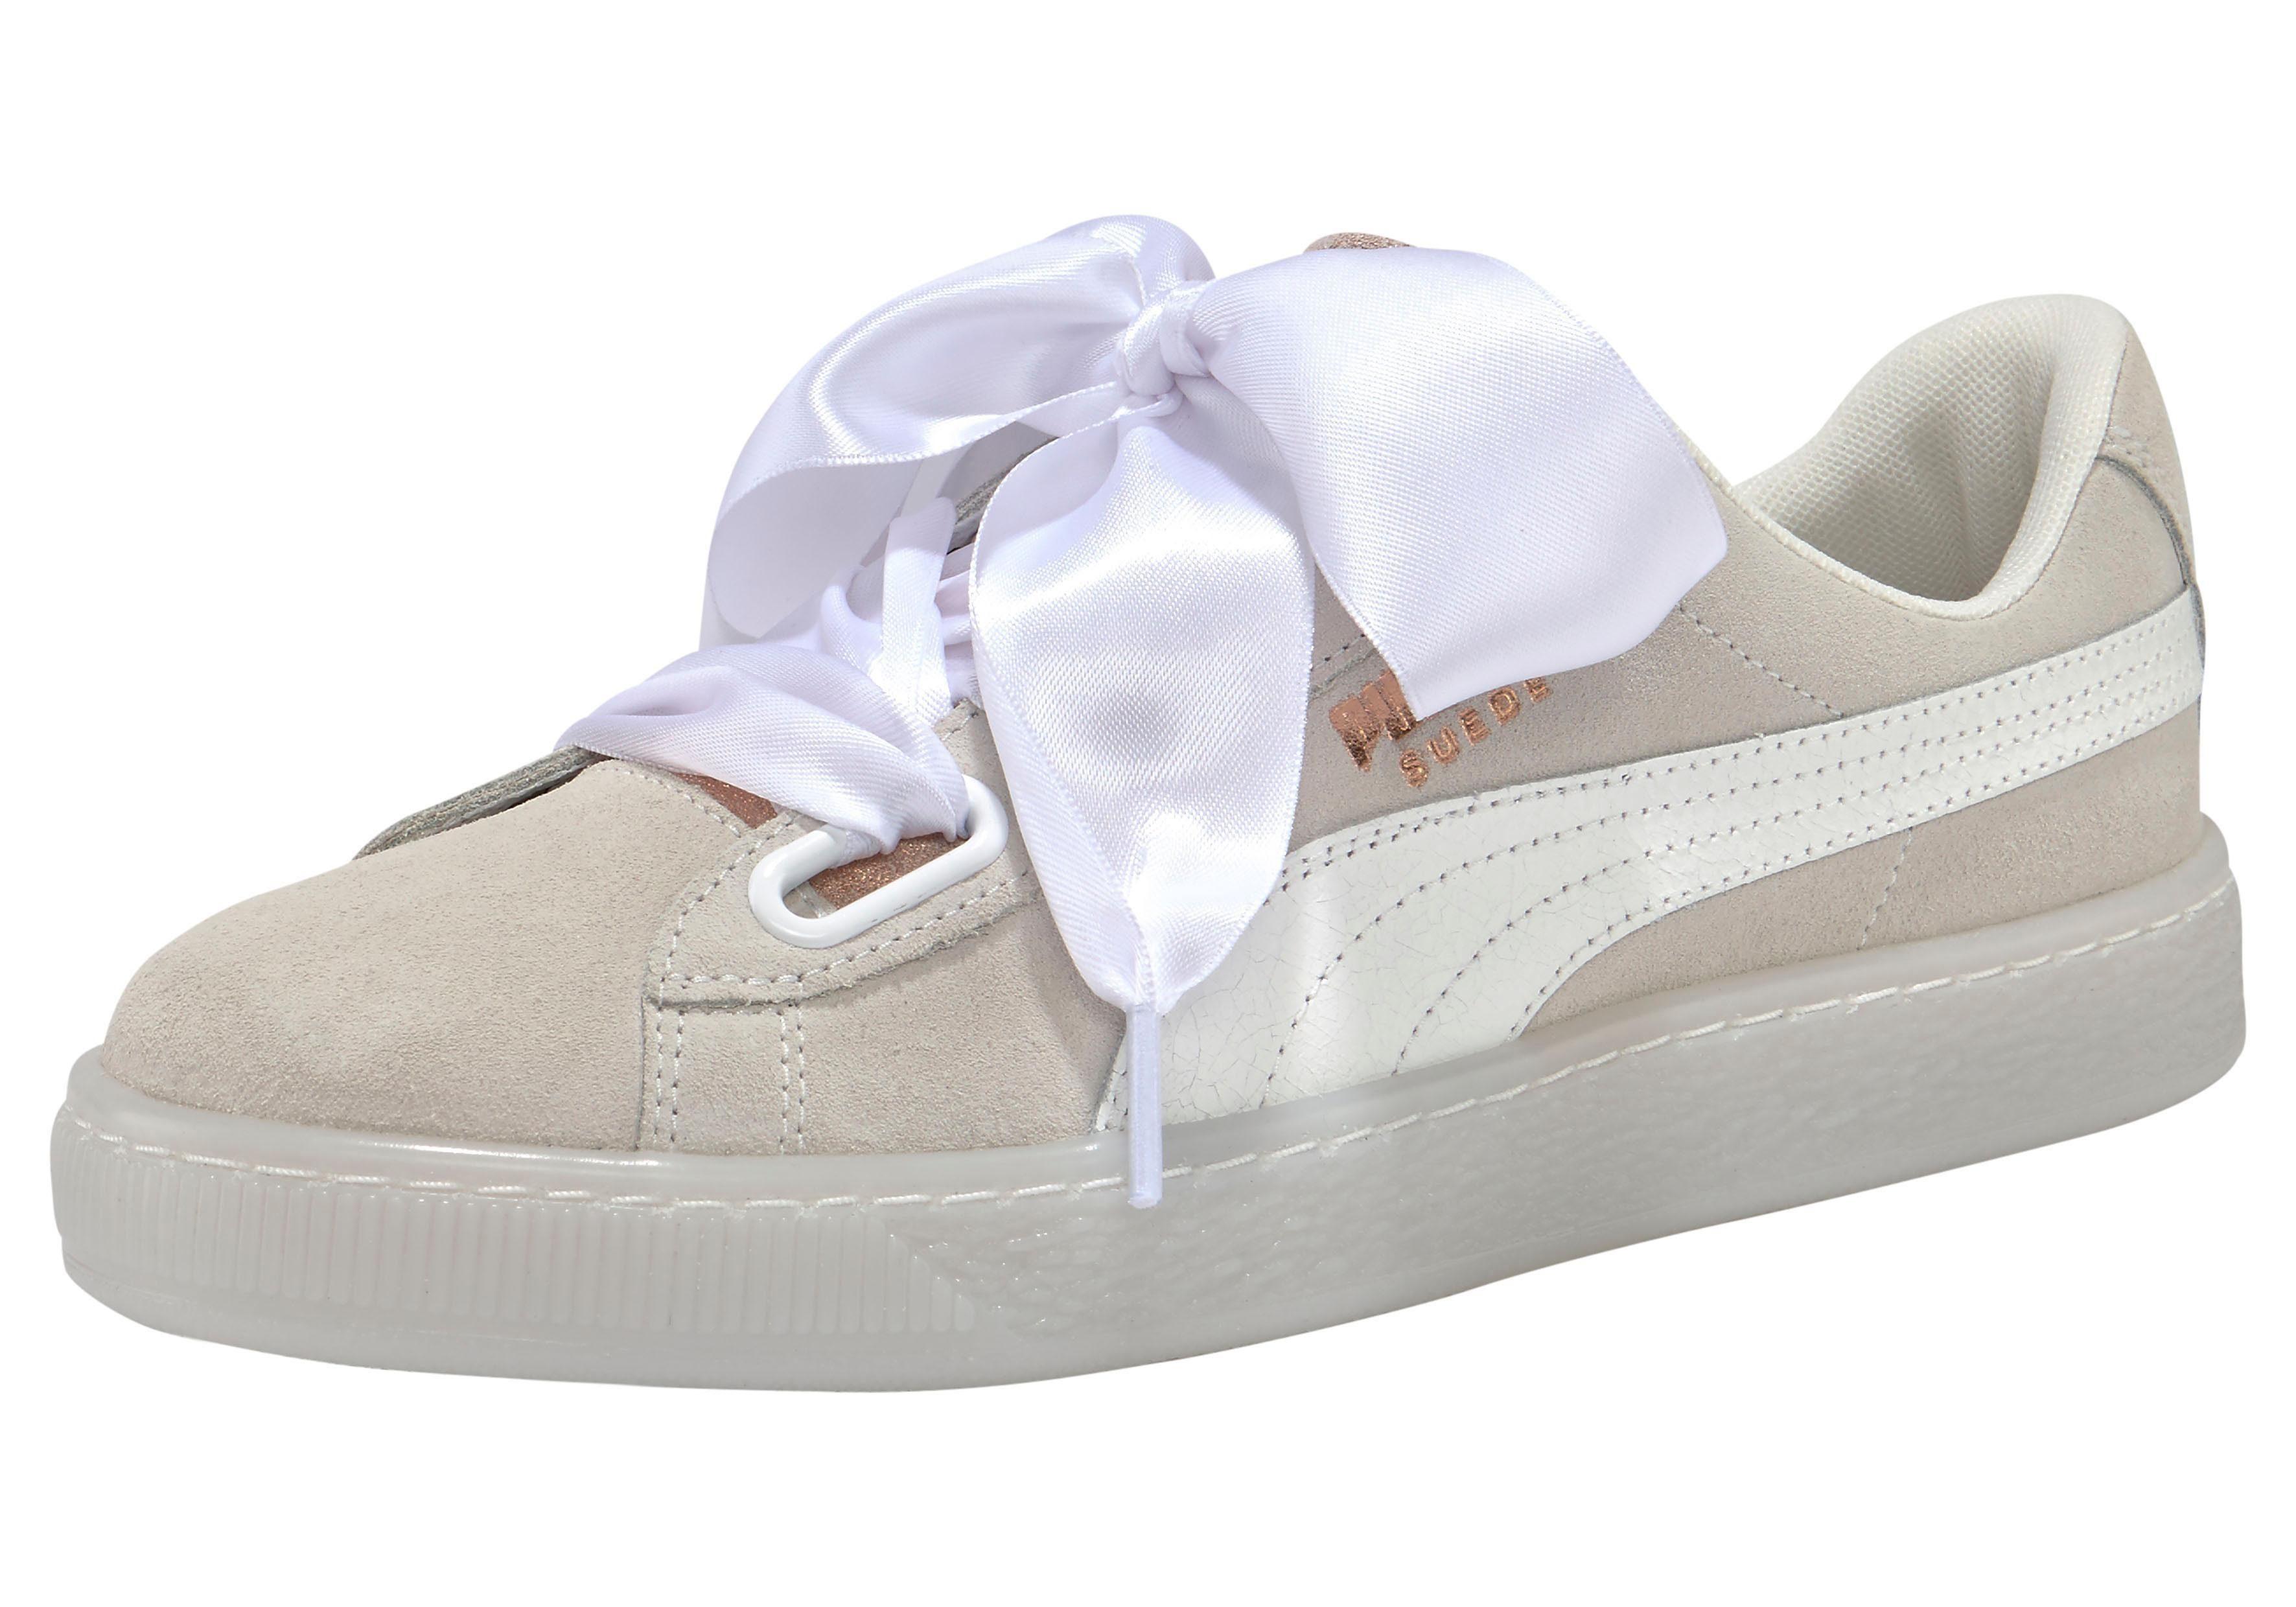 PUMA »Suede Heart Artica Wn's« Sneaker kaufen | OTTO